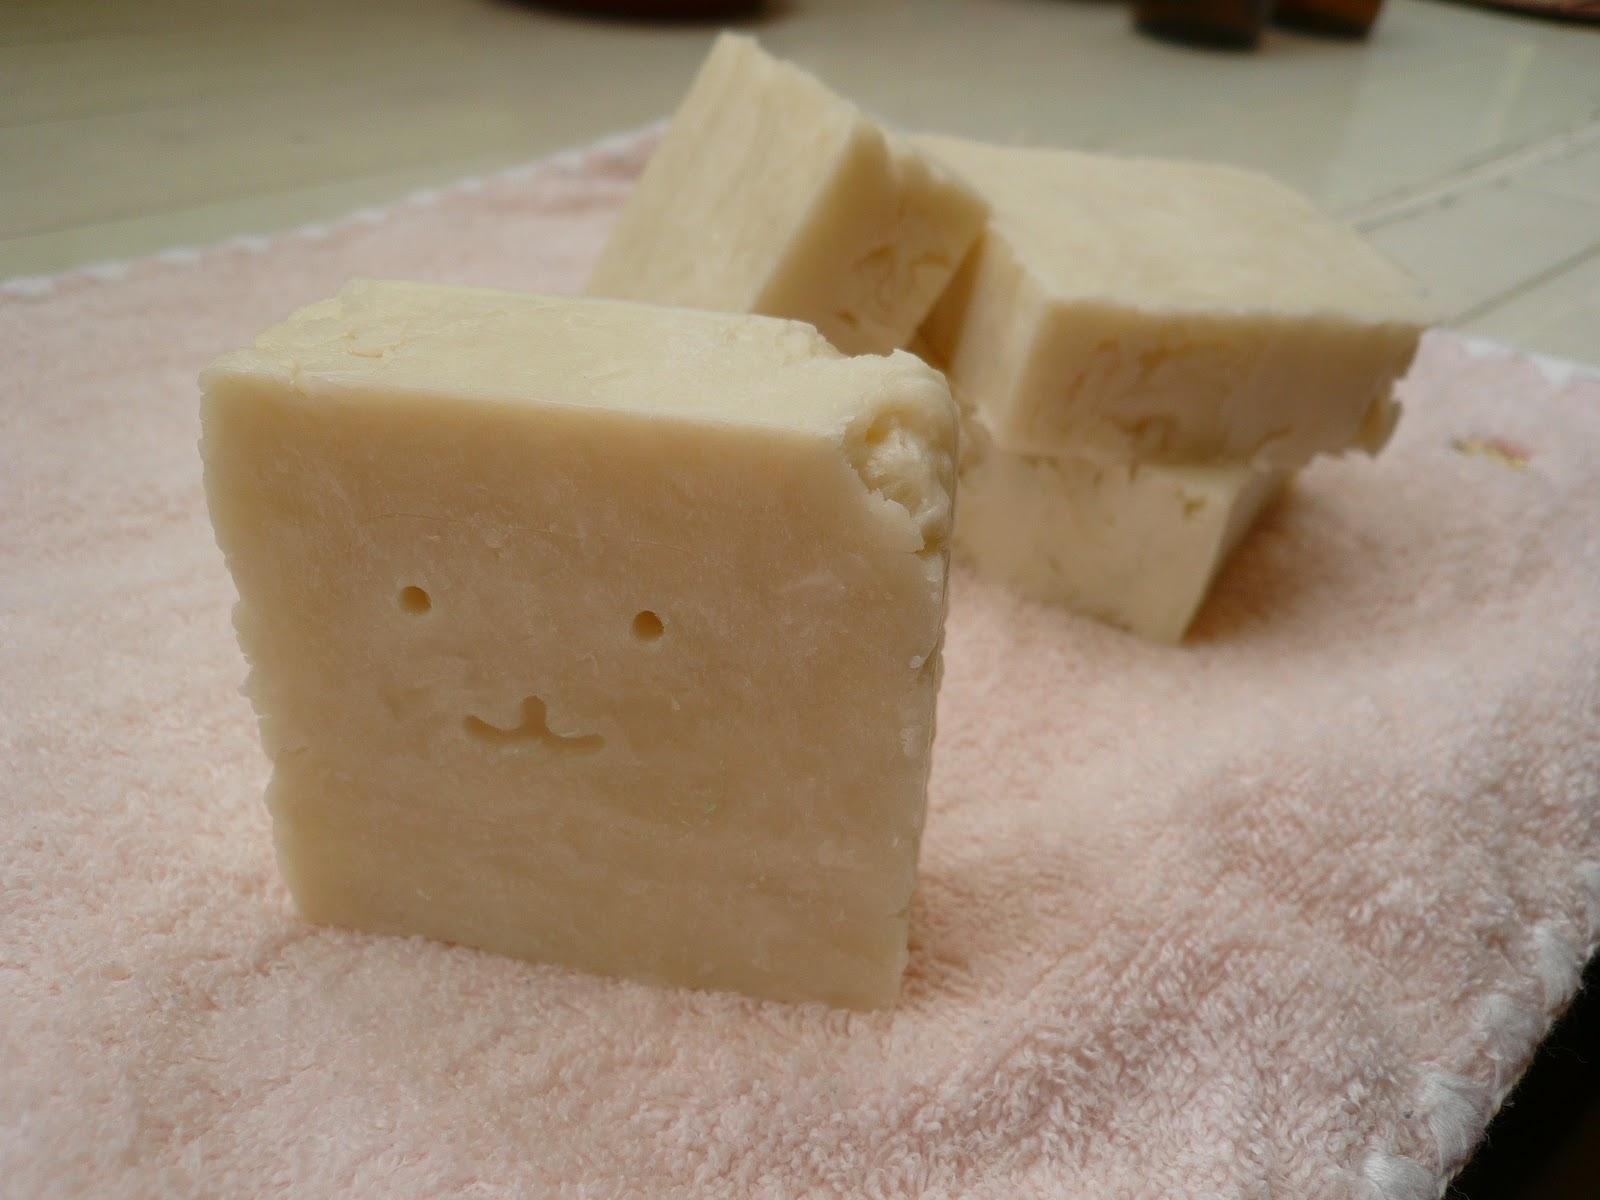 愛森活的手作皂: 冷製皂皂化失敗後改做熱製皂(作法)